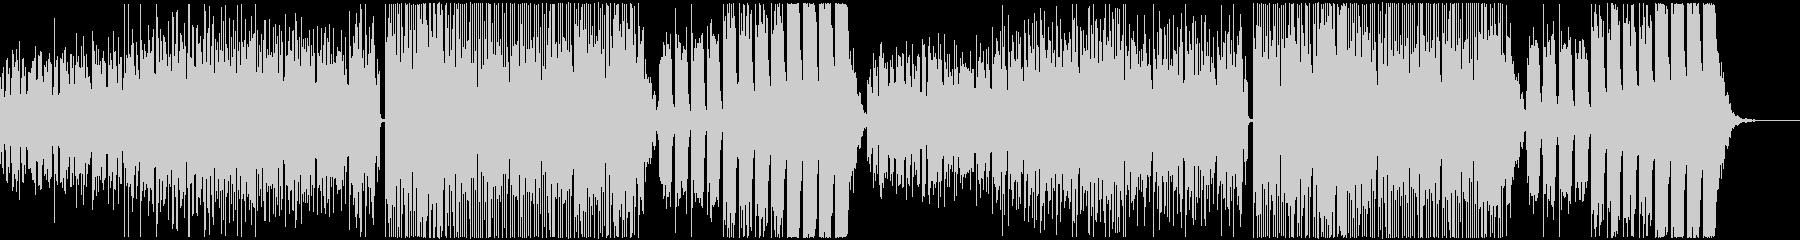 クール・スタイリッシュ・EDM・2の未再生の波形